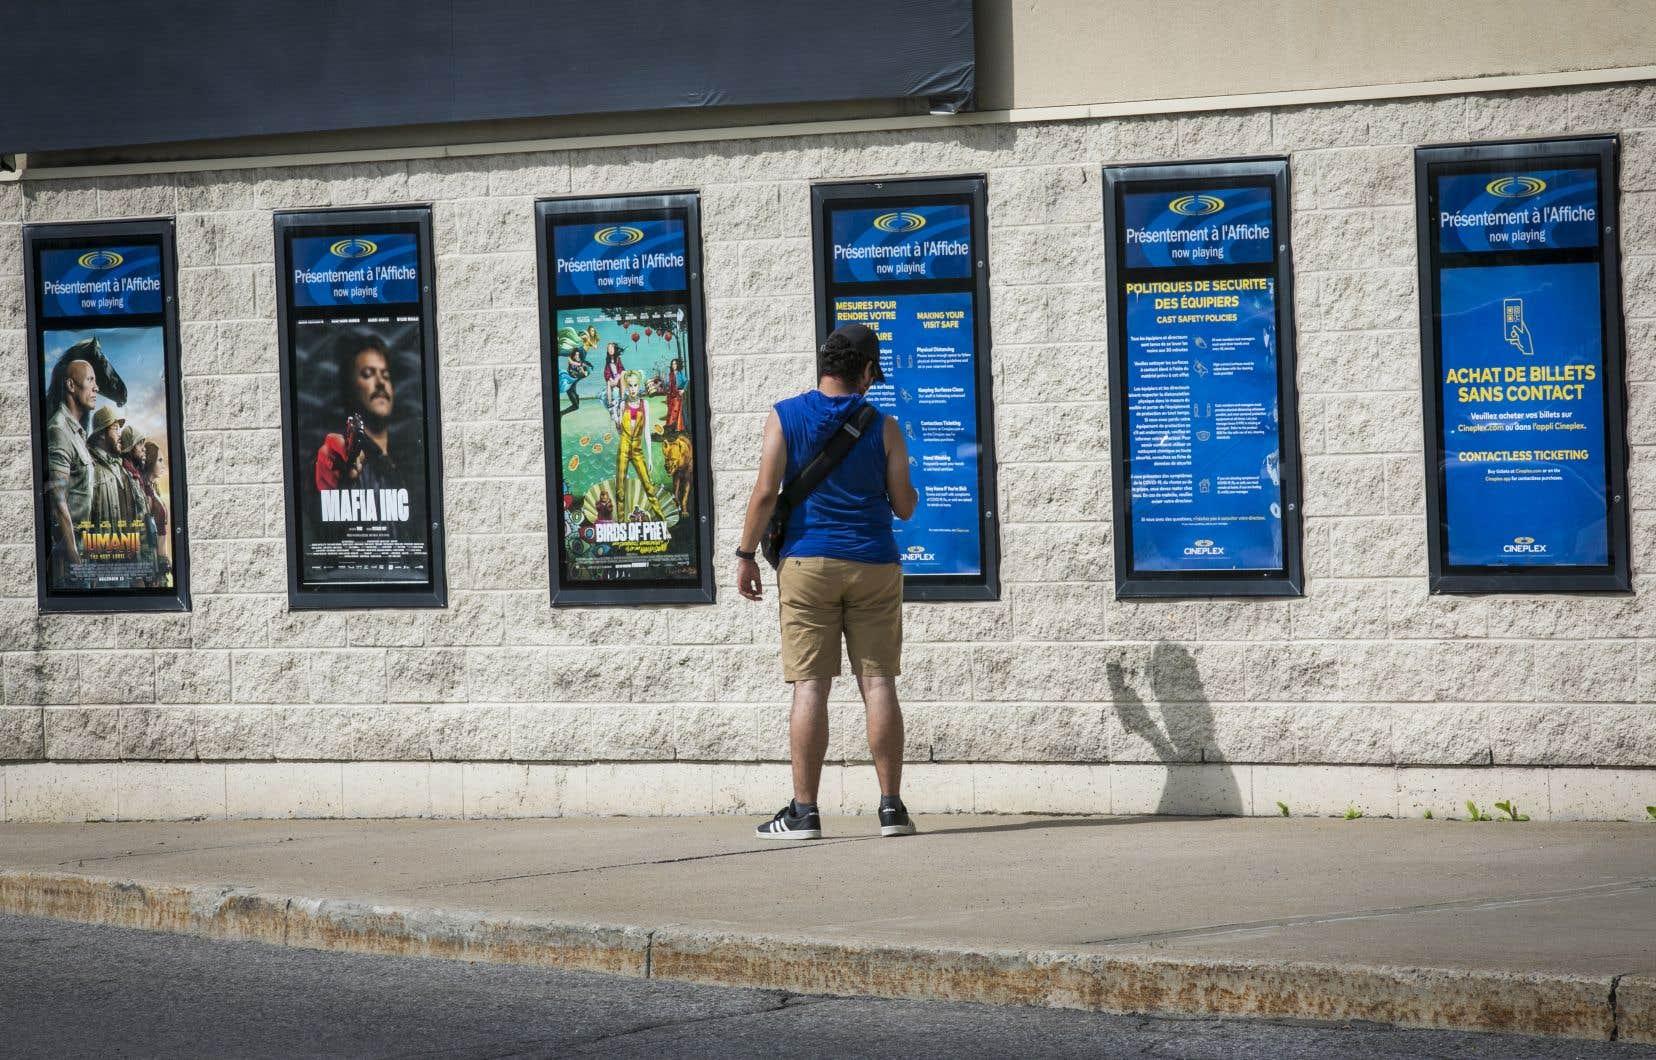 L'Indice de réussite ne se chiffre pas qu'en termes de résultats au box-office, mais prend en compte le succès commercial, le succès culturel et le succès industriel du film.